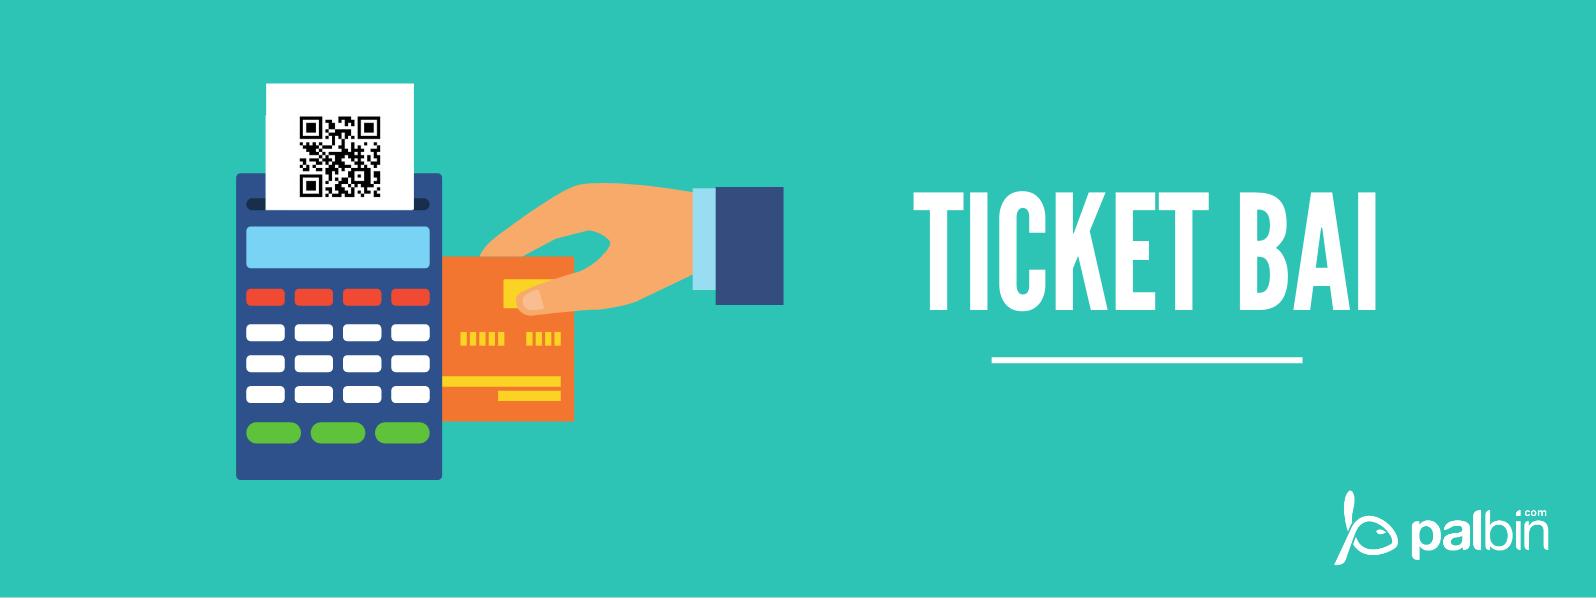 Qué es Ticket BAI y cómo afecta a mi negocio